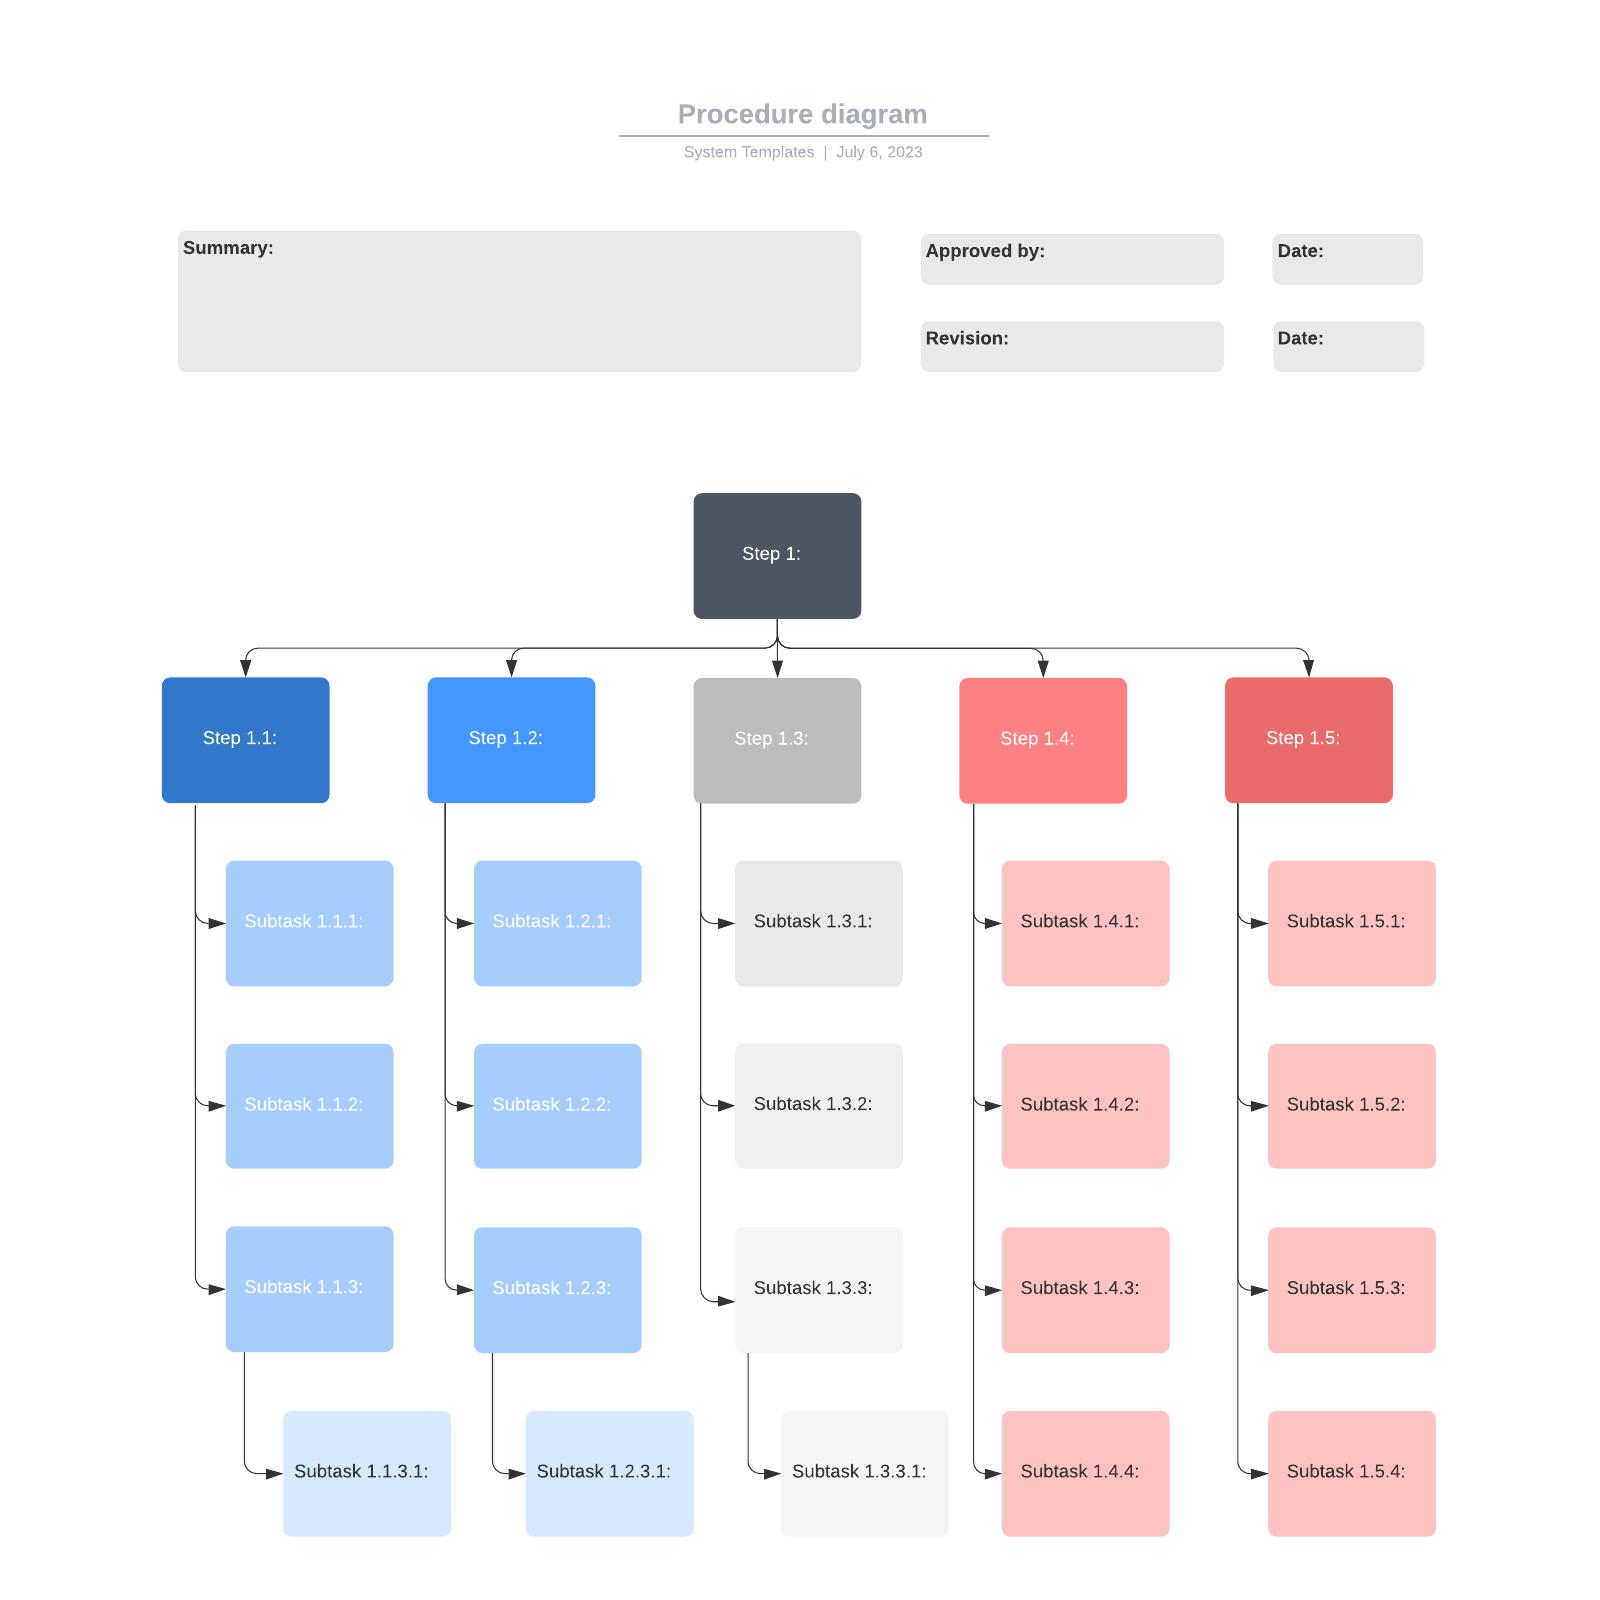 Procedure diagram